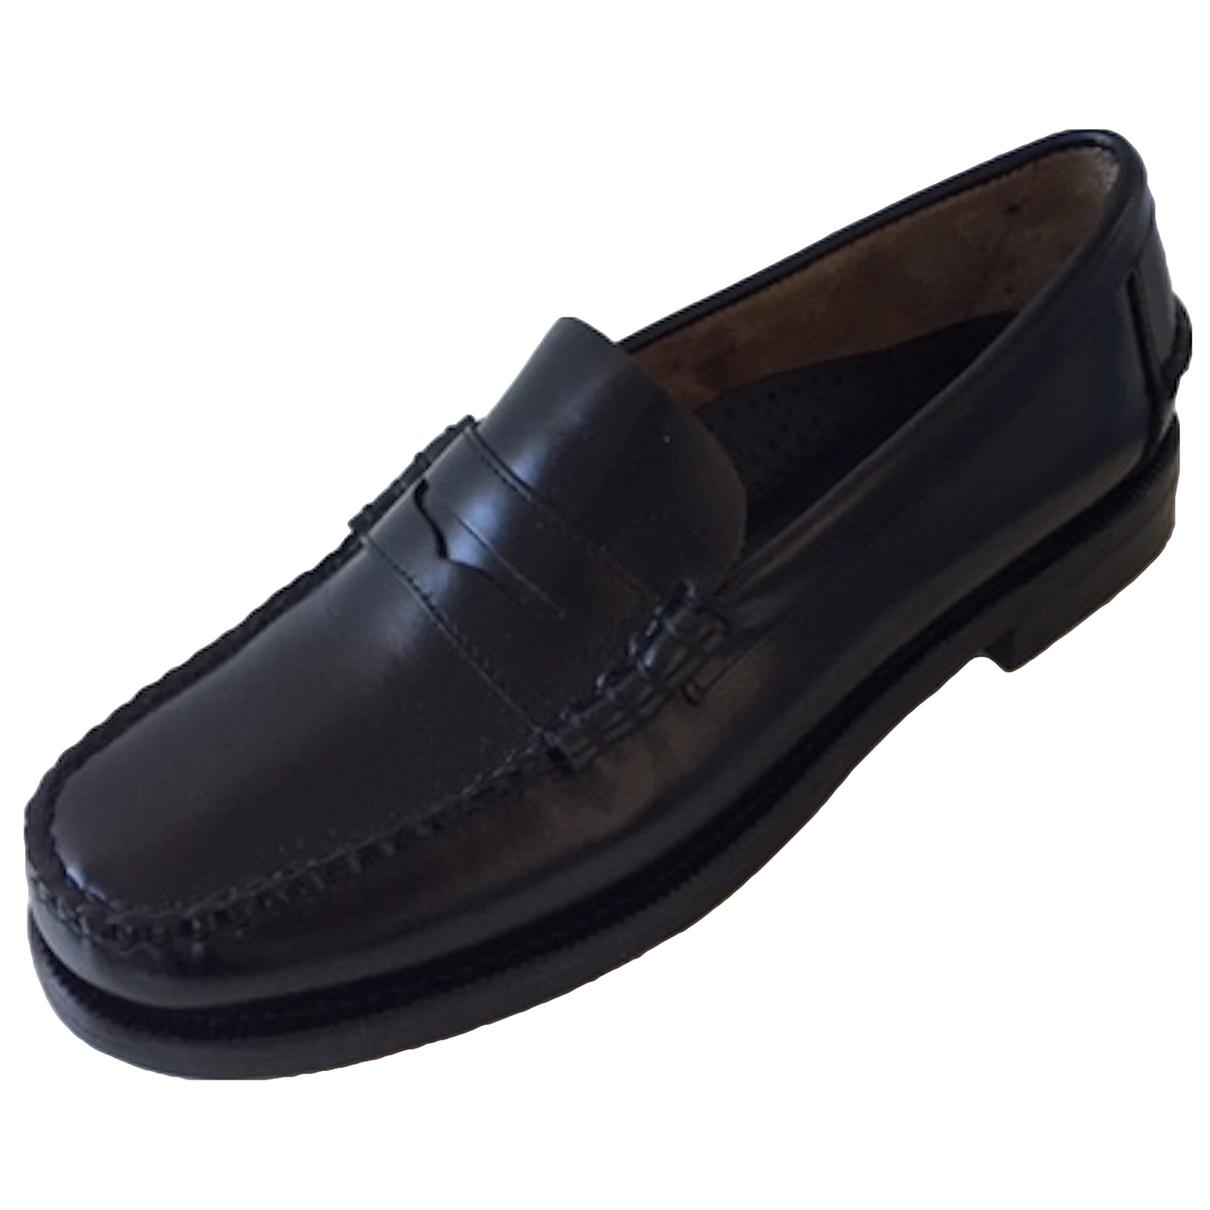 Sebago - Mocassins   pour homme en cuir - noir